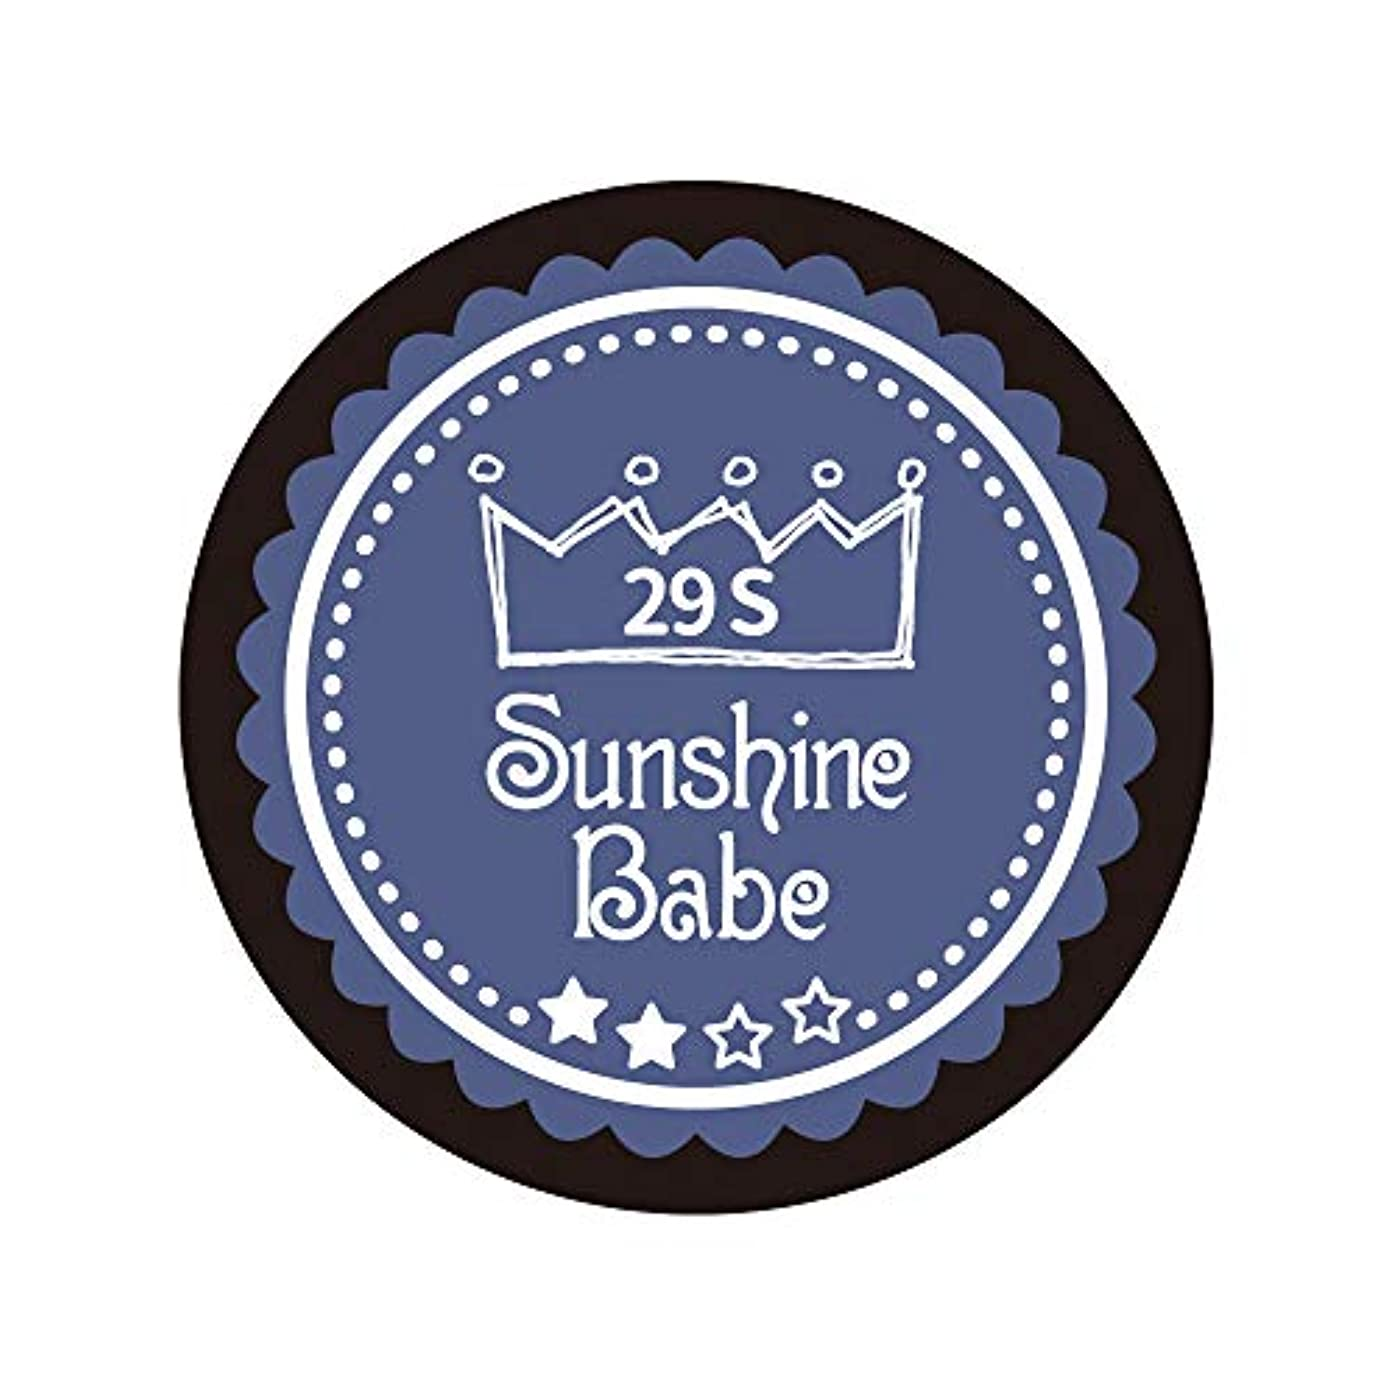 予防接種する荒涼とした知恵Sunshine Babe カラージェル 29S ネイビーグレー 2.7g UV/LED対応